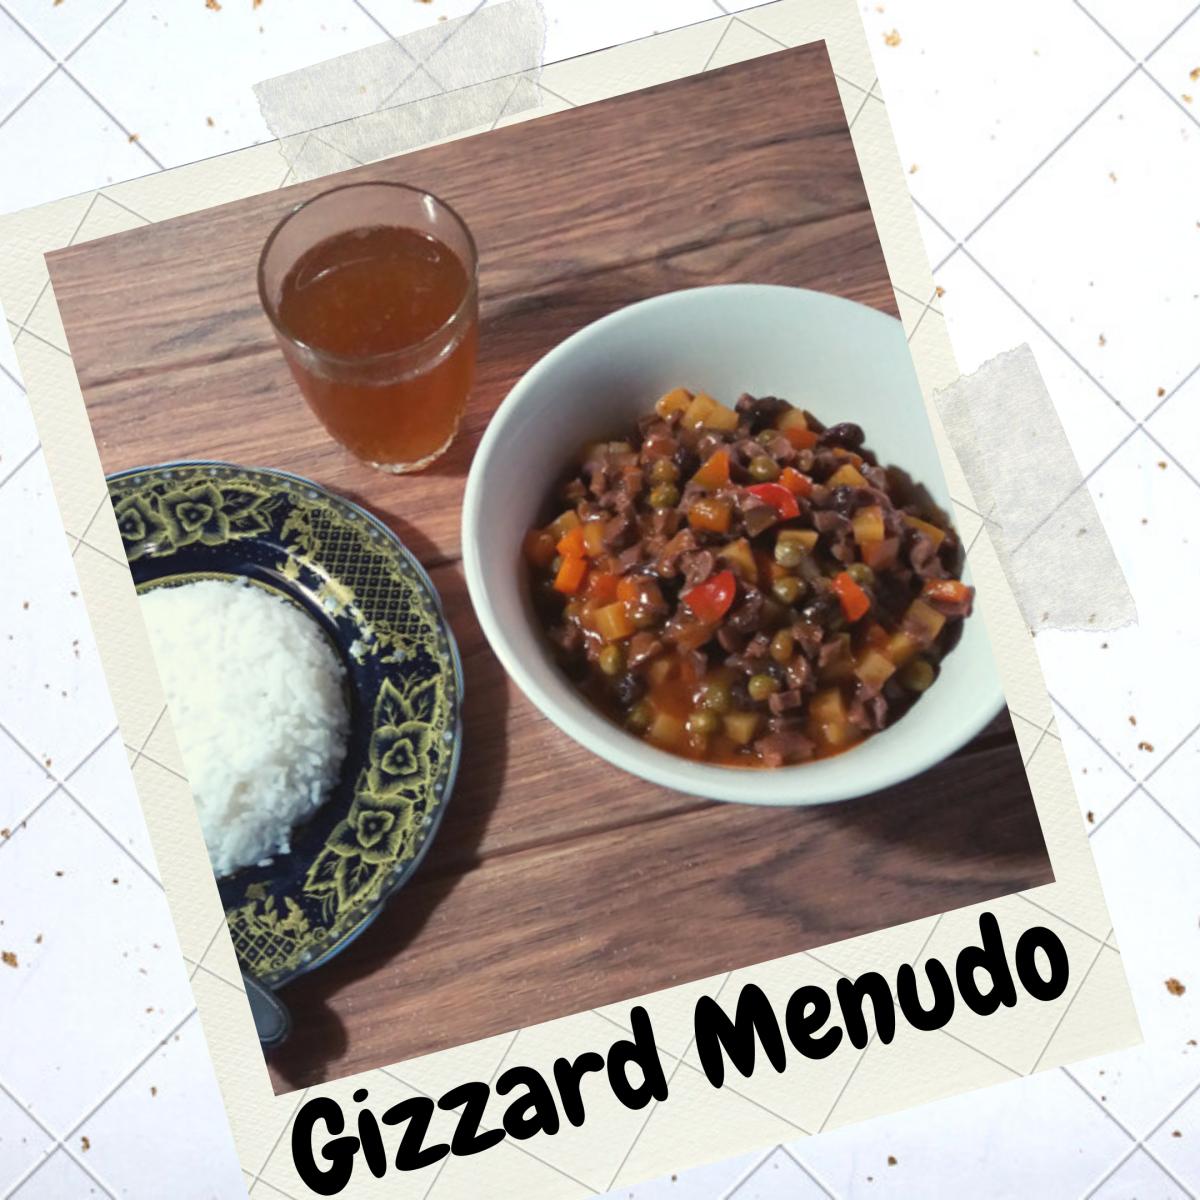 How to Cook Gizzard Menudo